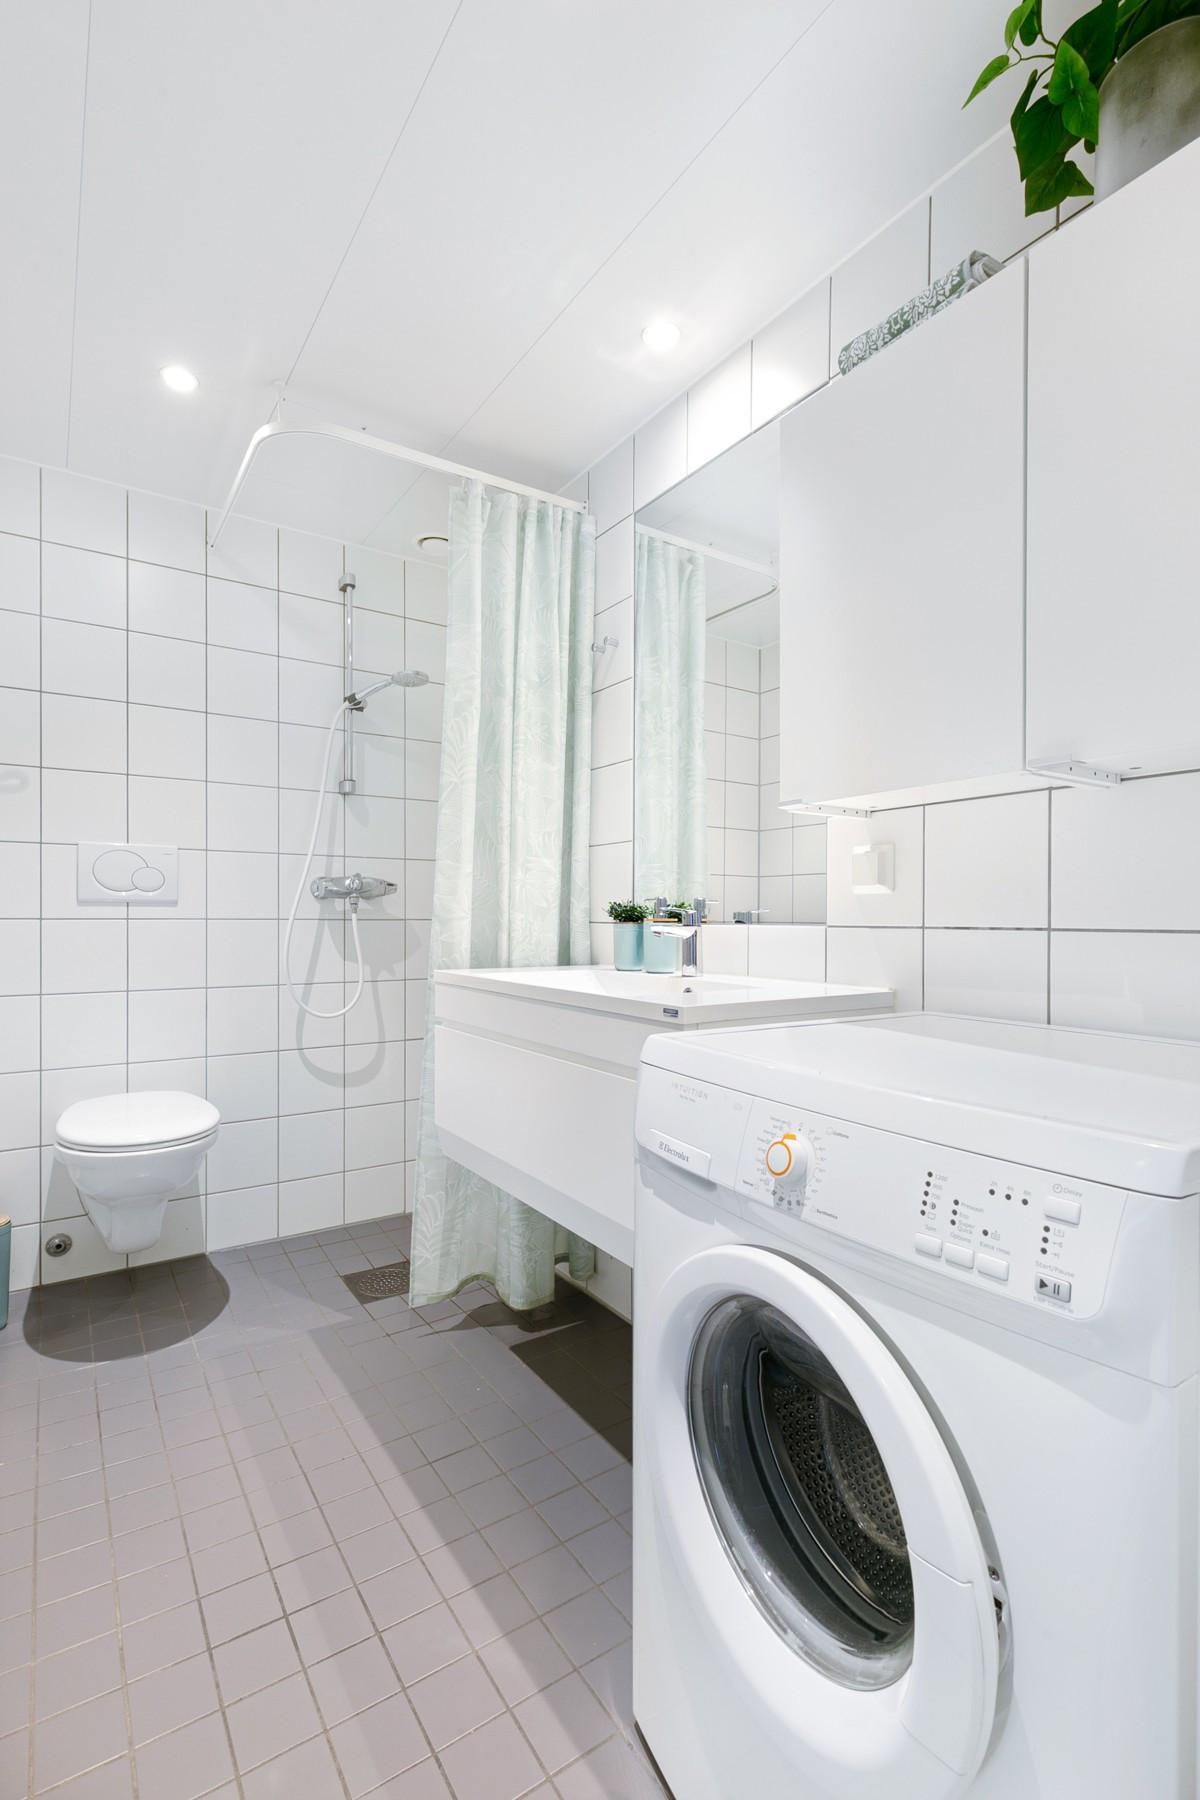 Badet er komplett fliselagt med gulvvarme, dusj, vegghengt wc, opplegg for vaskemaskin og downlights i taket